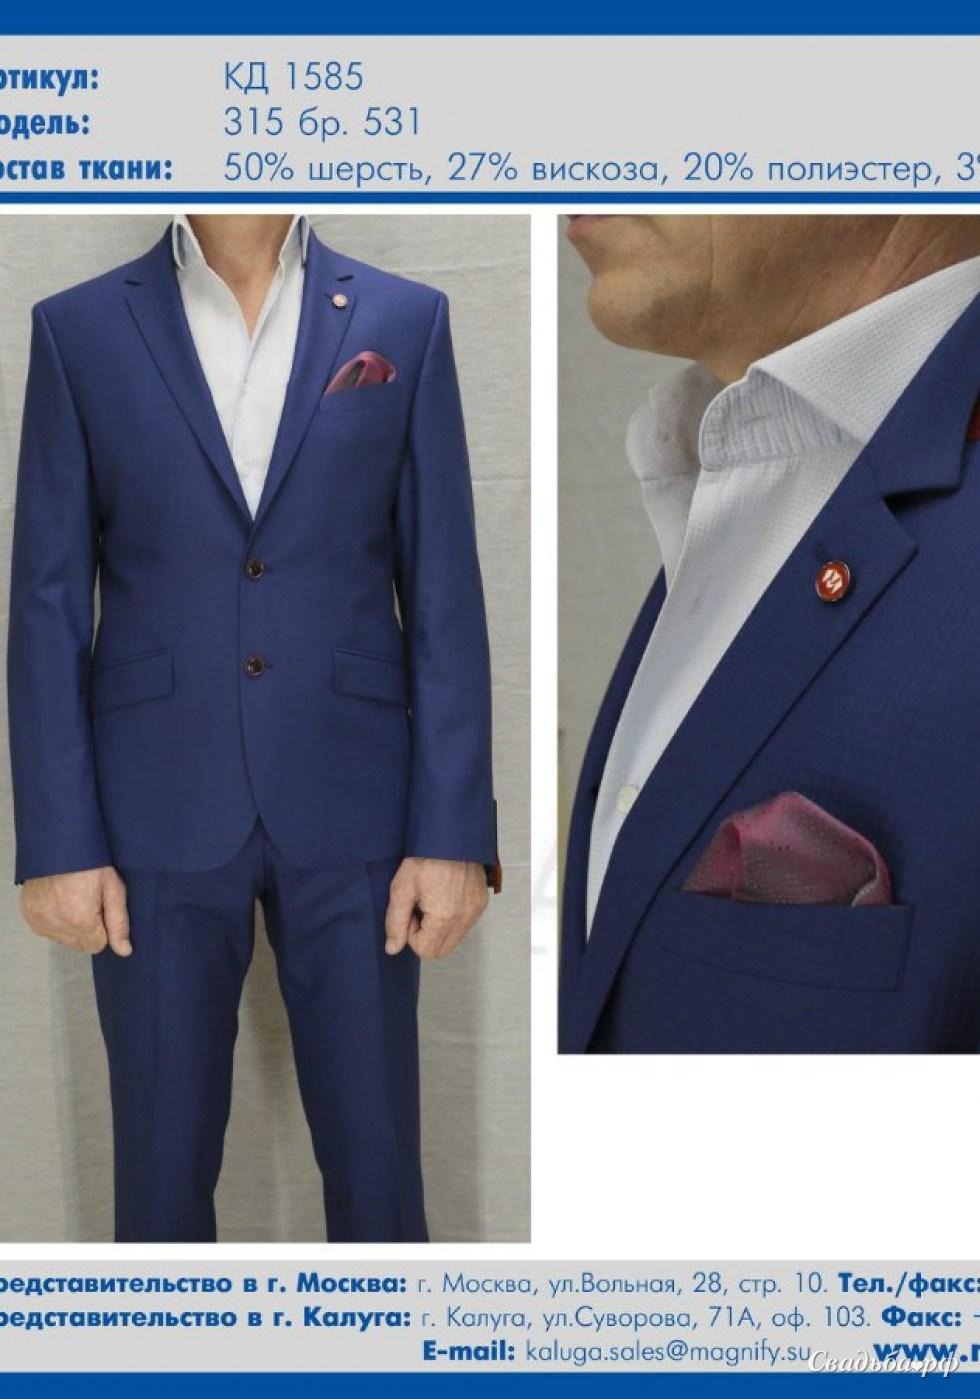 компании требуется мужские костюмы калуга купить Мысли трезво